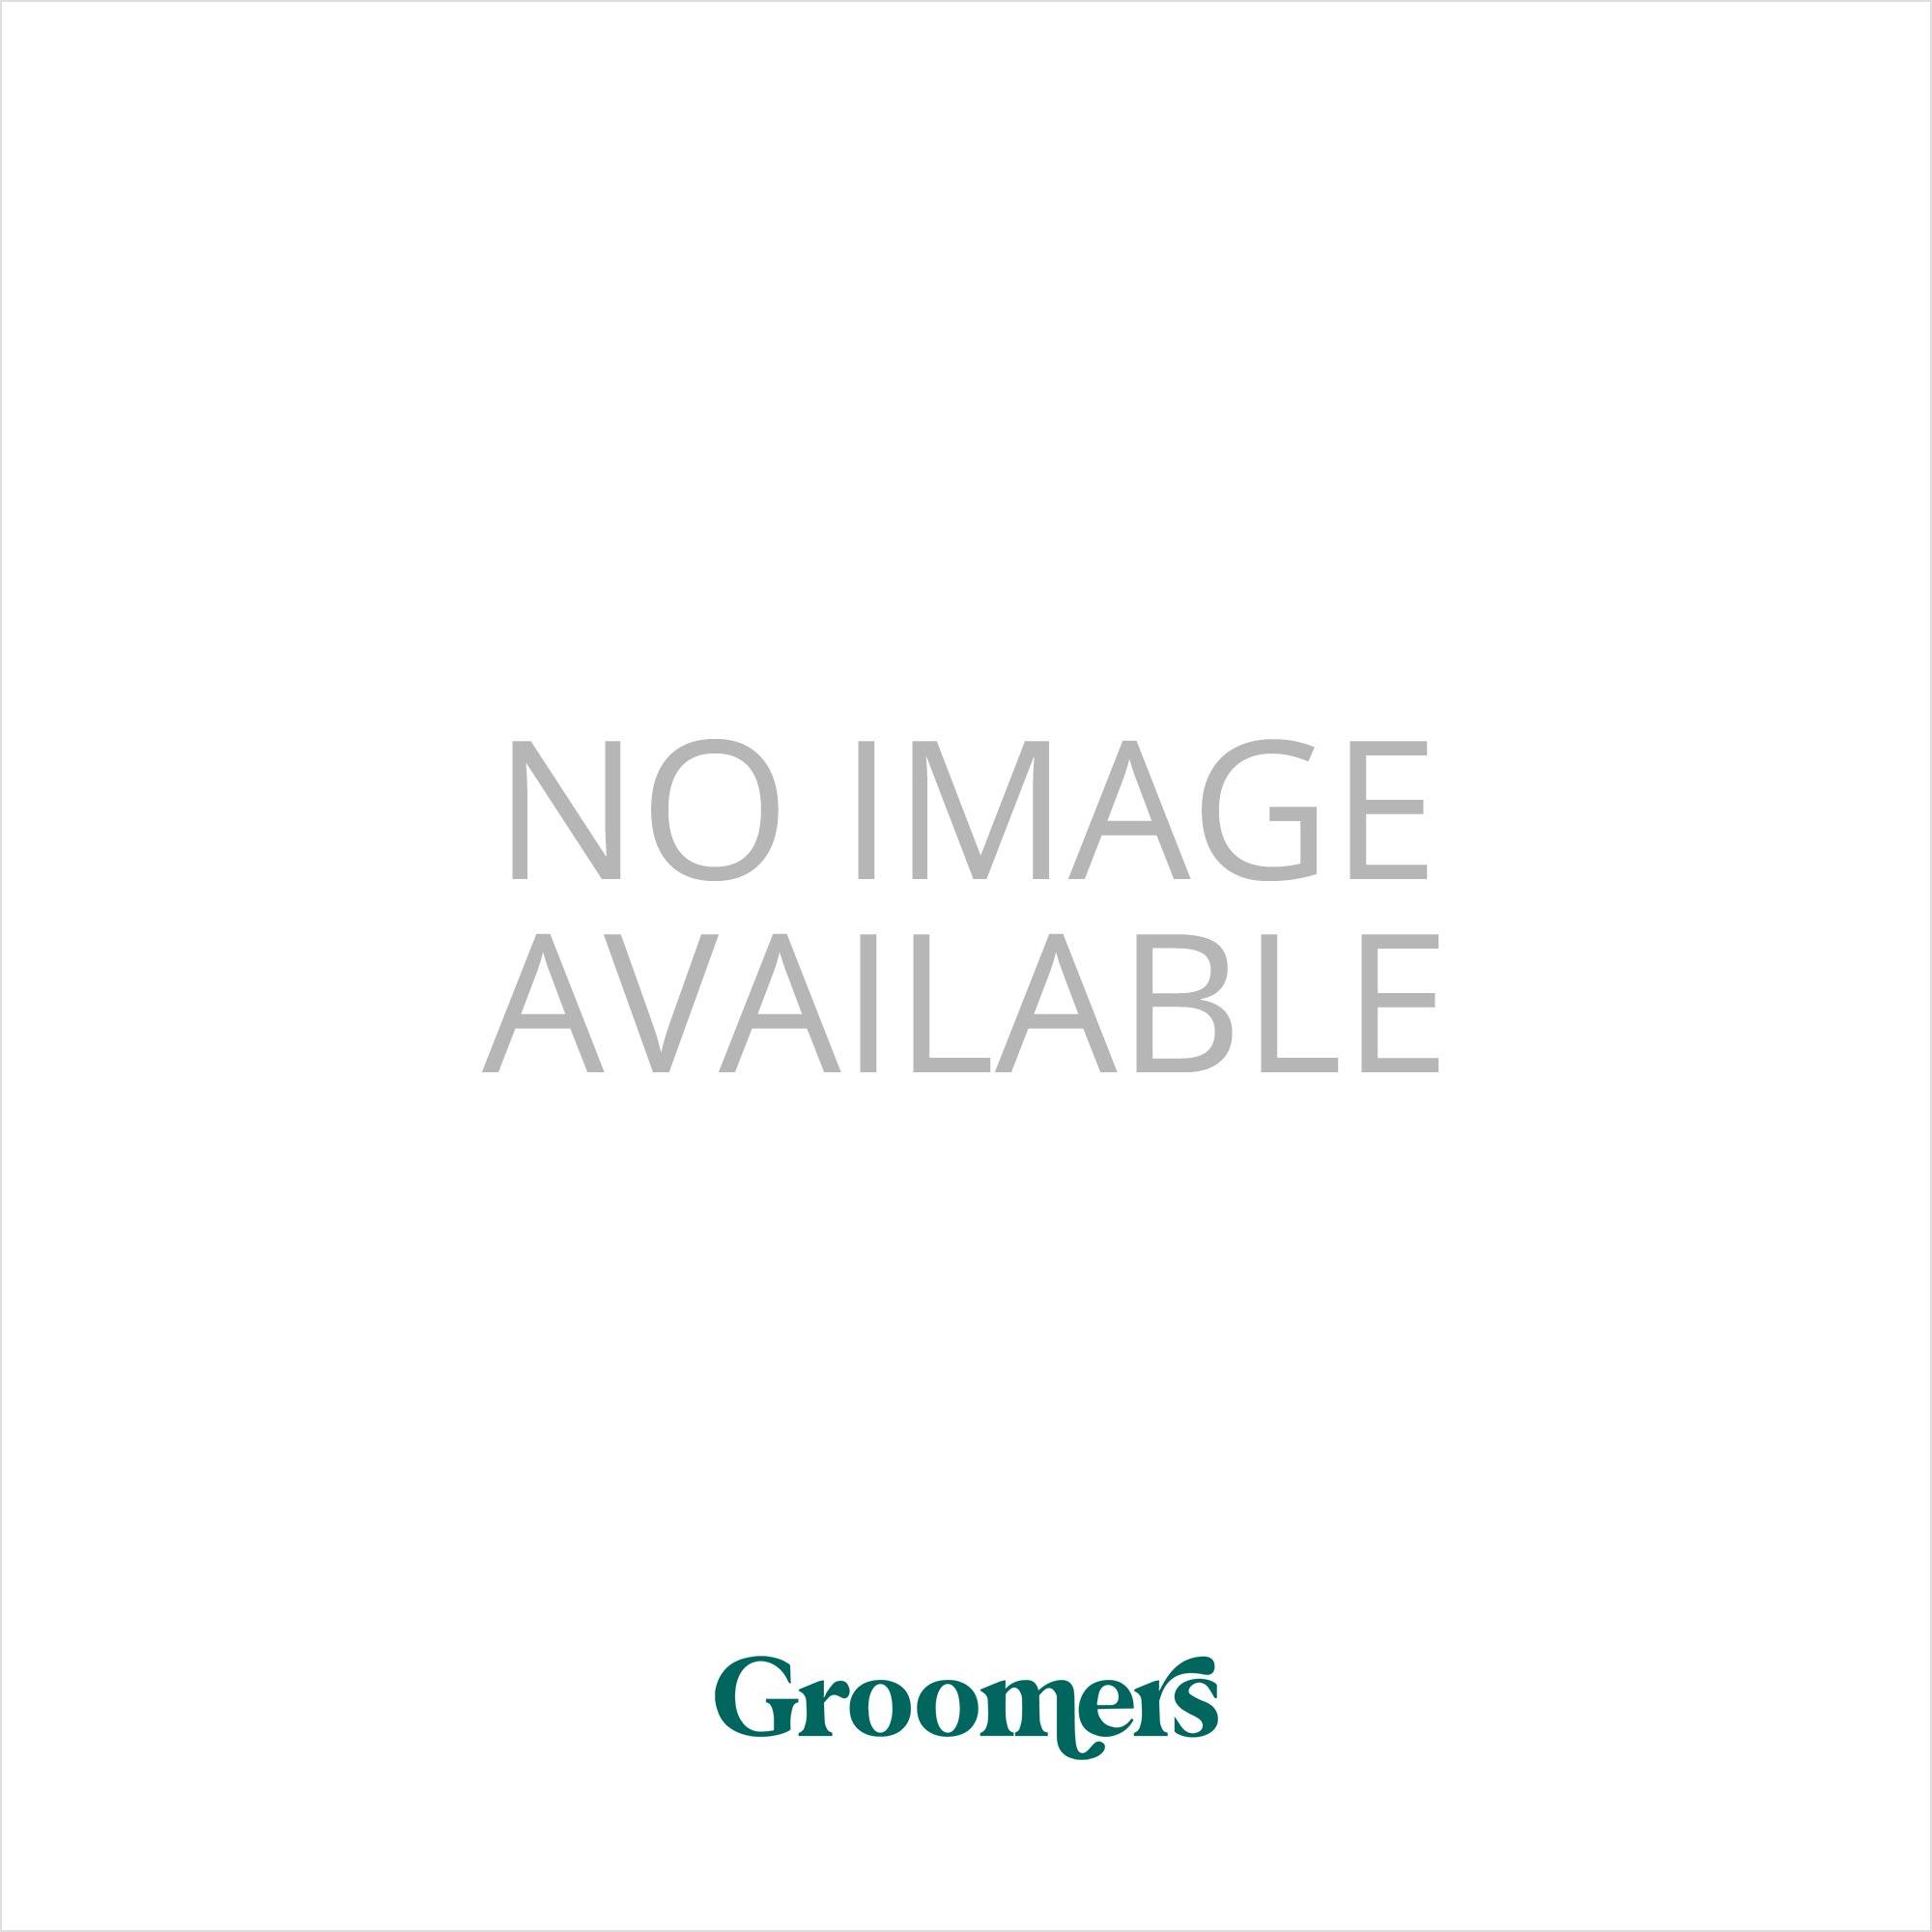 Grooming Trolley - NEW